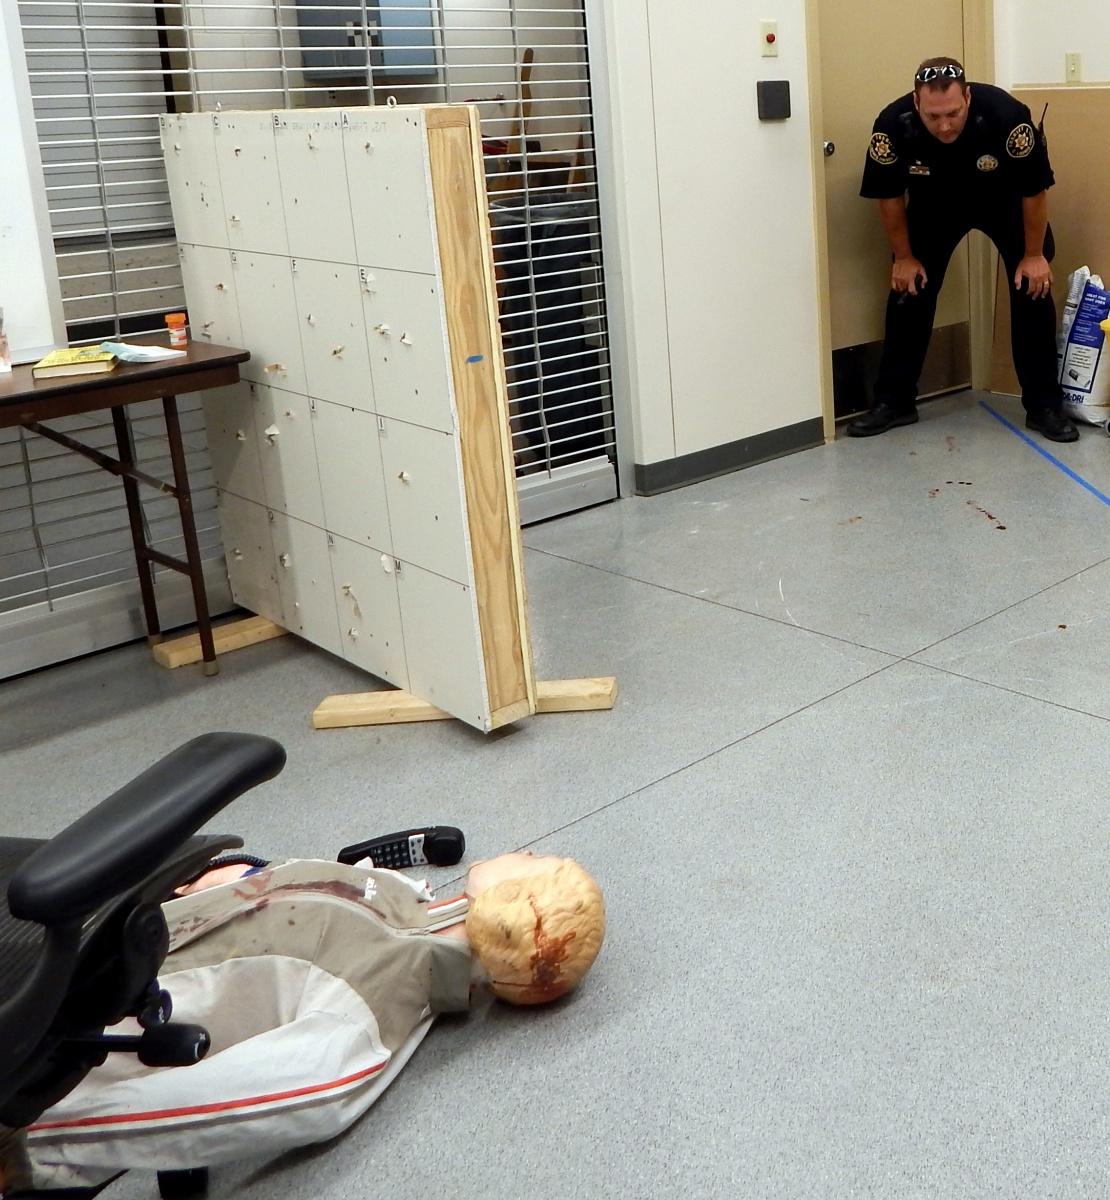 Imagen 3: Investigación de la escena del crimen